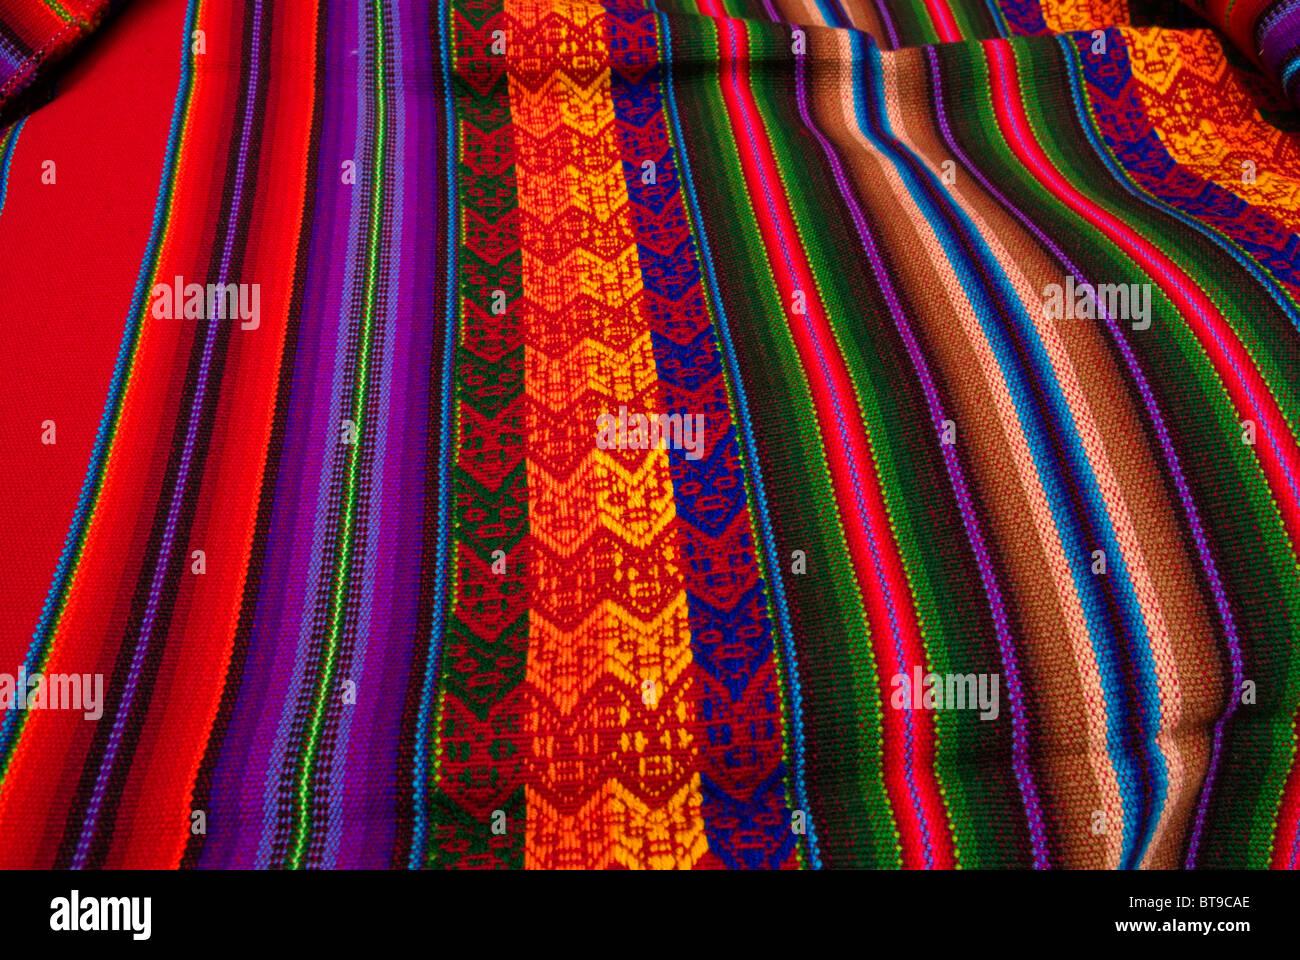 Il Perù, la Valle Sacra, Pisaq, mercato di domenica, colori luminosi in tessuto tessuto peruviano, molti colori, Immagini Stock